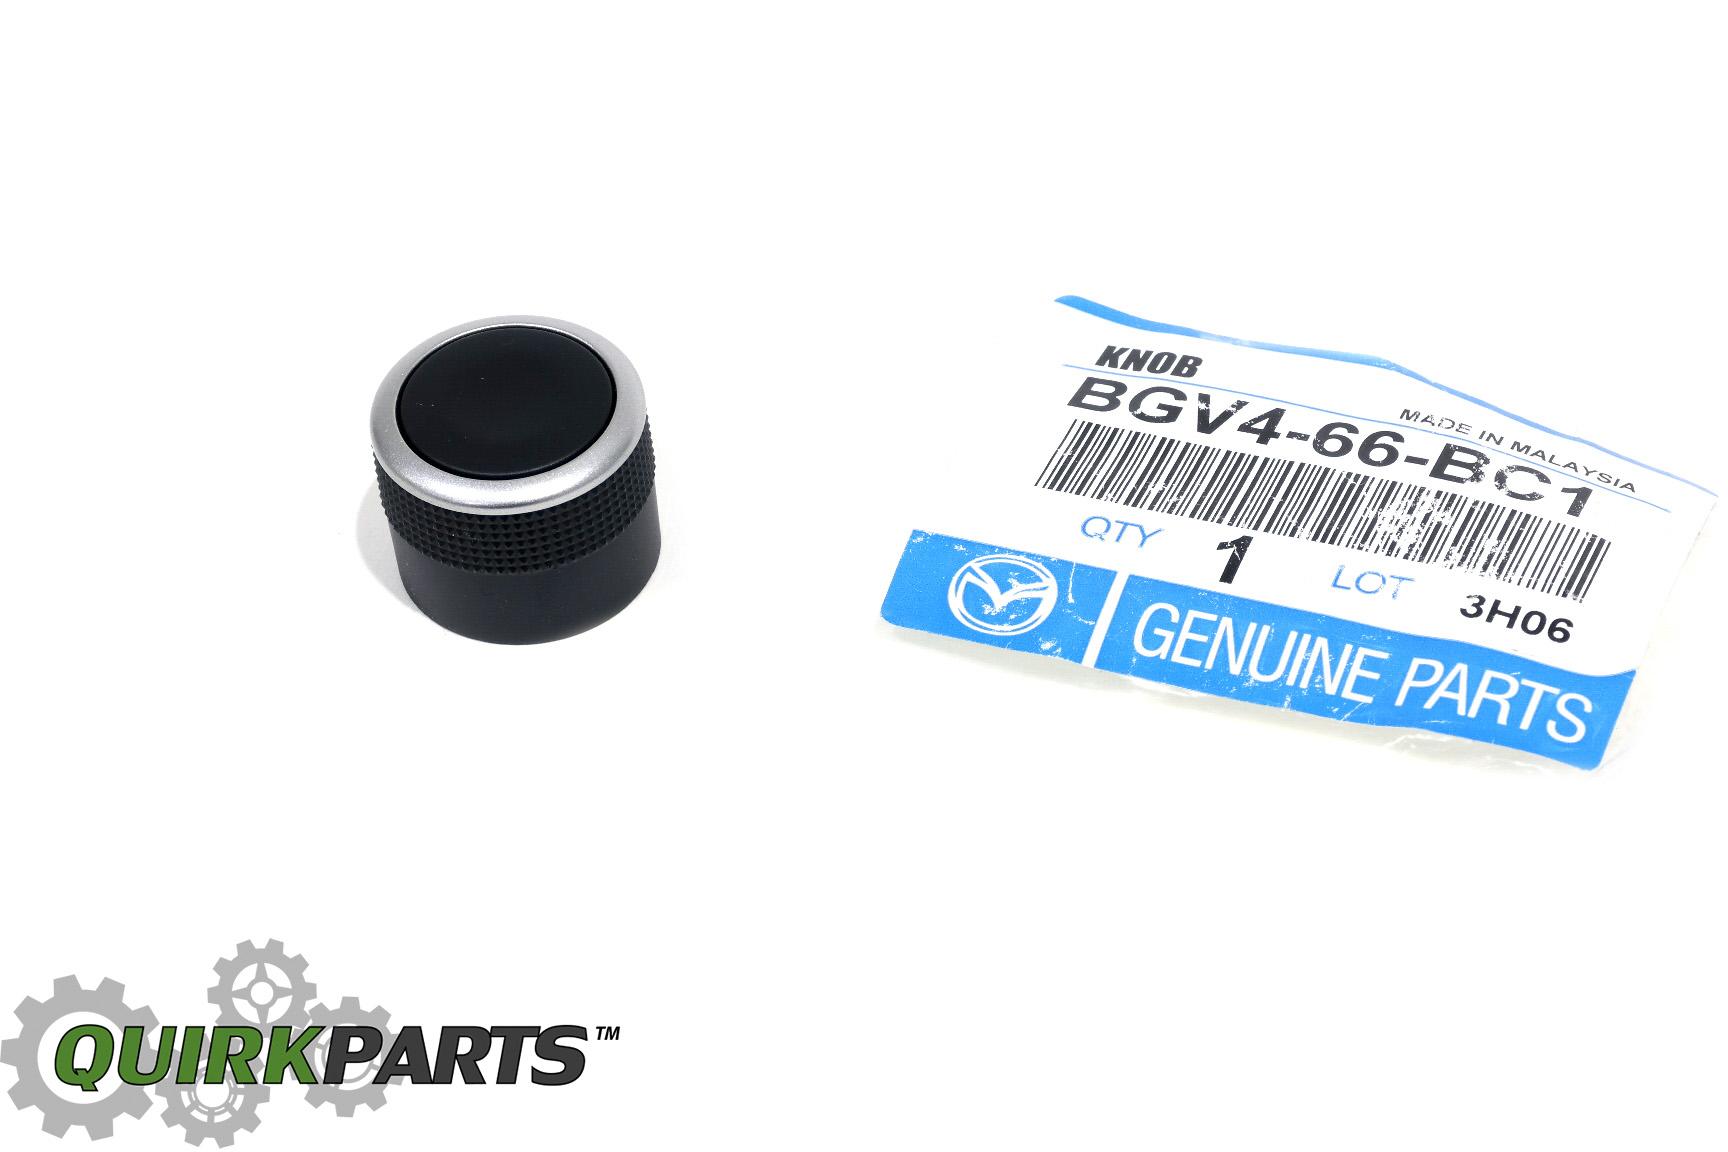 Details about Mazda 3 CX-9 Radio Tuner Deck Volume Control Switch Knob  BGV4-66-BC1 OEM